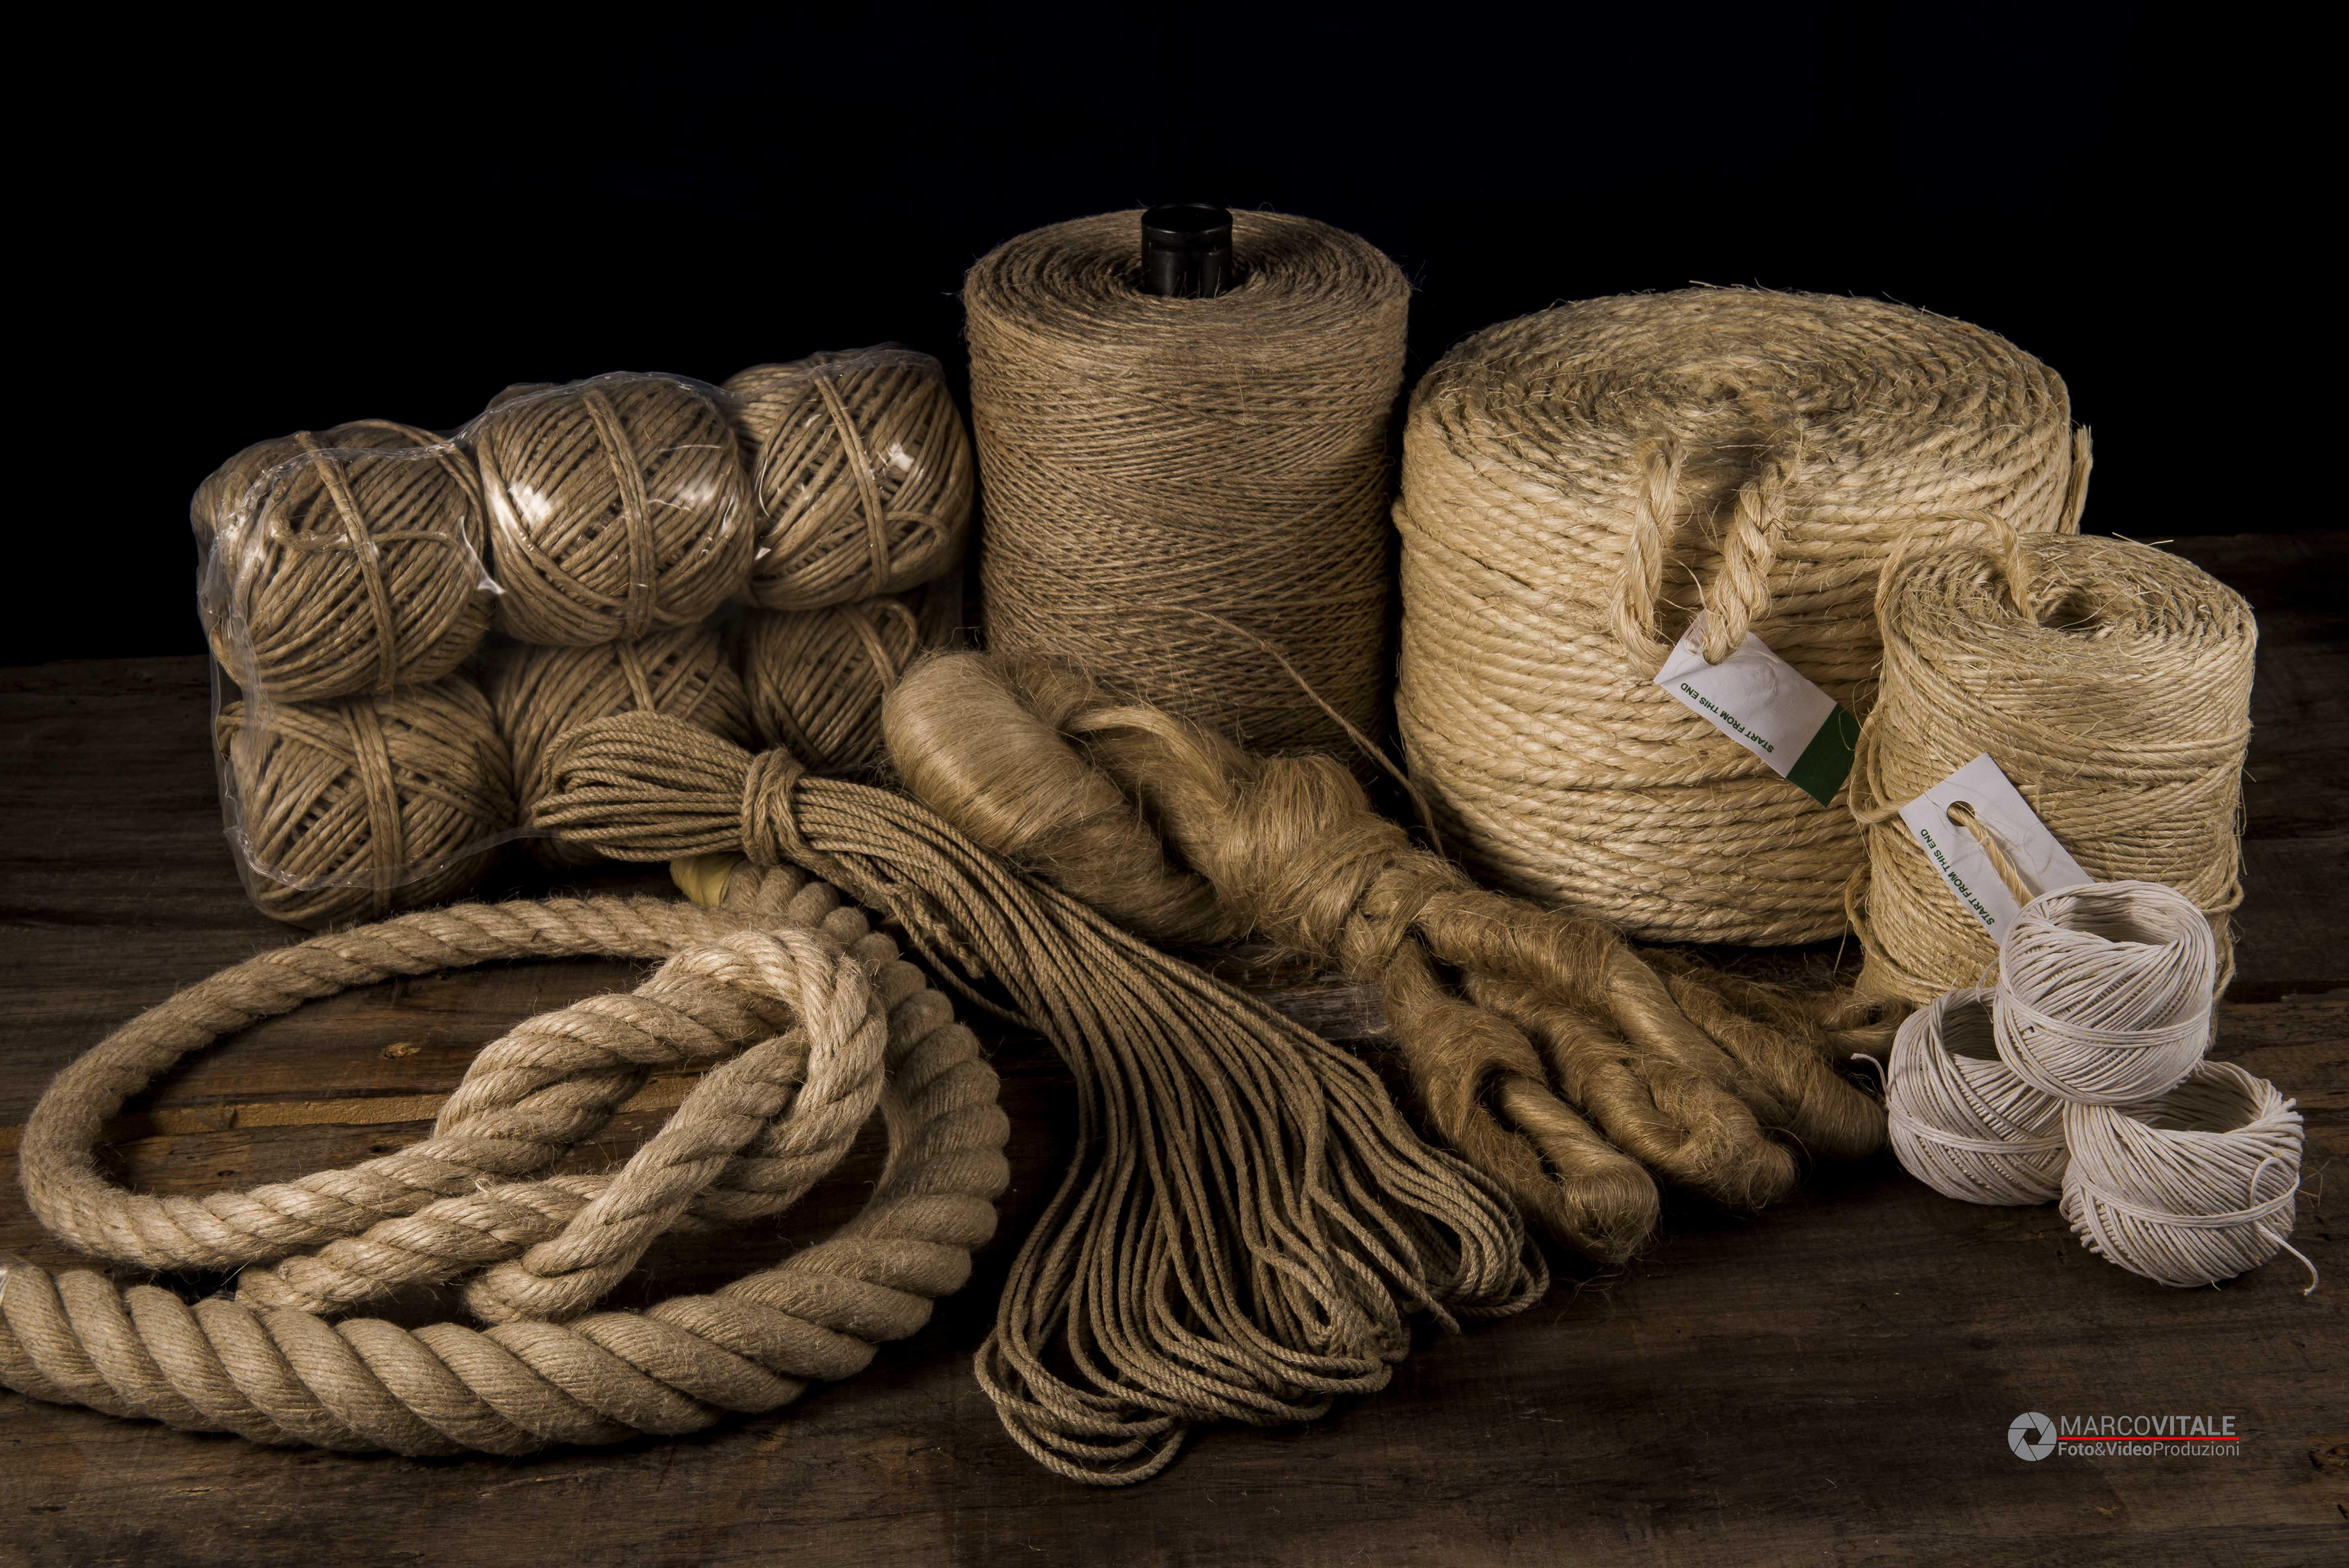 Fotografo Cava Dei Tirreni servizio fotografico per la lamberti cordami | marco vitale